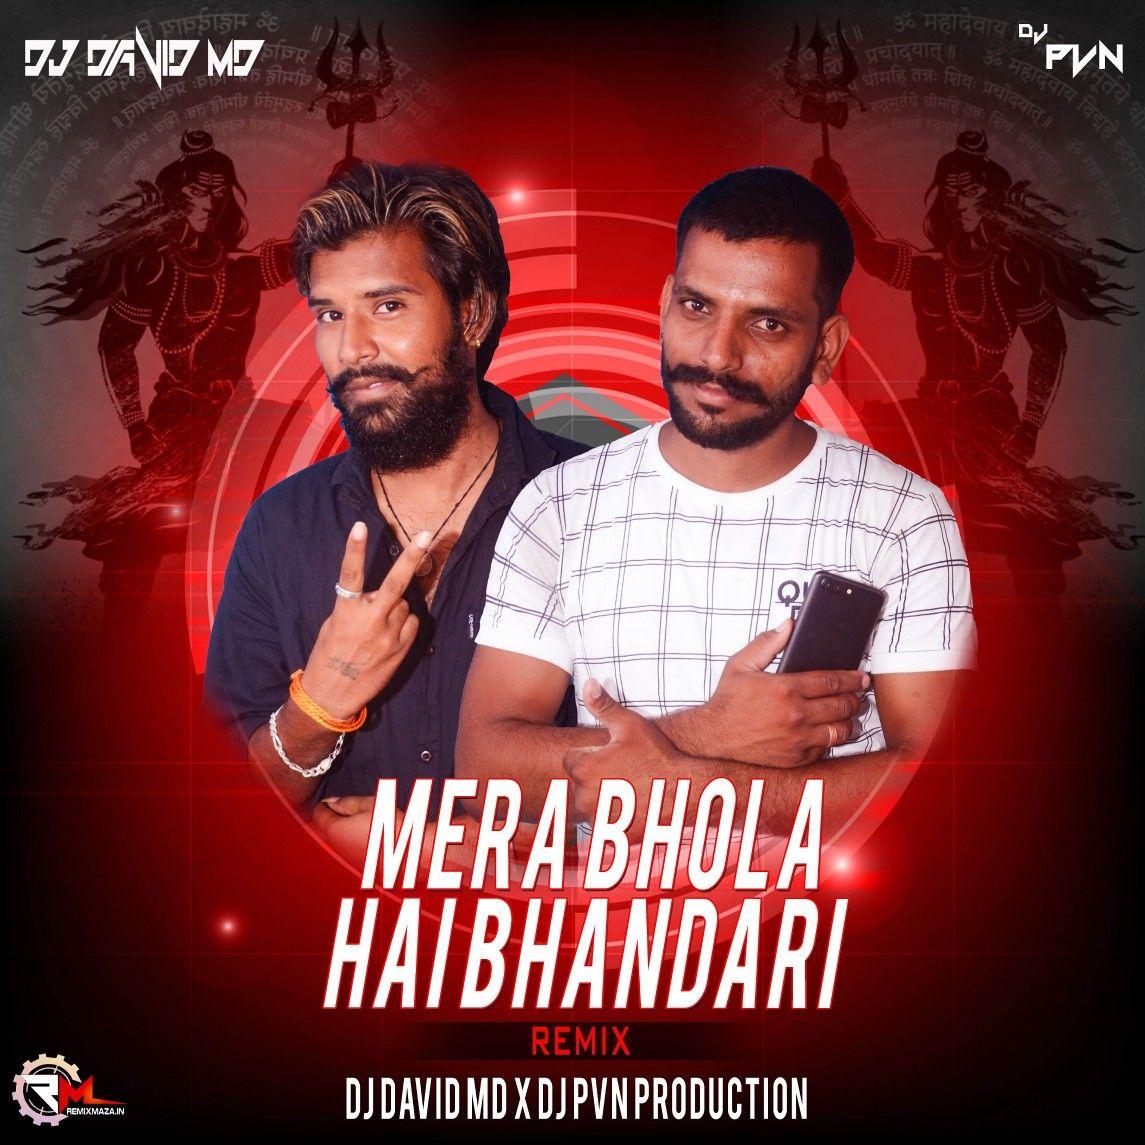 Mera Bhola Hai Bhandari Remix Dj David Md X Dj Pvn Production Download Https Bit Ly 2sbnson Follow Https Www Instagram Com Remixmaza Mera